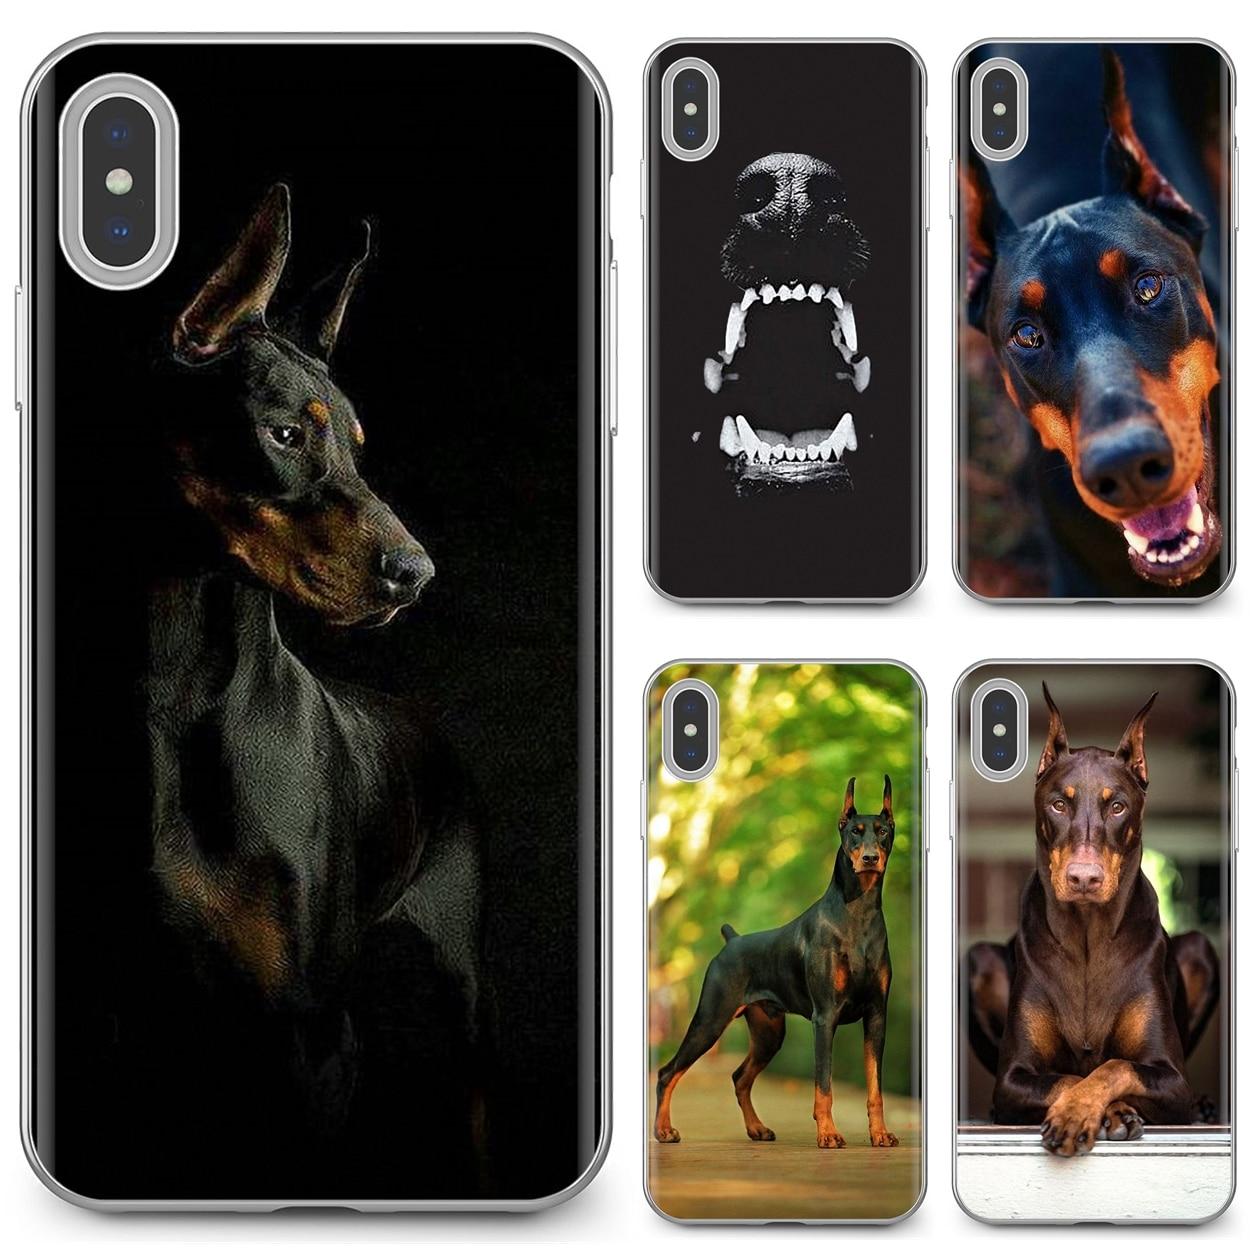 For Huawei Mate Honor 4C 5C 5X 6X 7 7A 7C 8 9 10 8C 8X 20 Lite Pro Pinscher Doberman Dog Tongue Face Art Buy Silicone Phone Case(China)